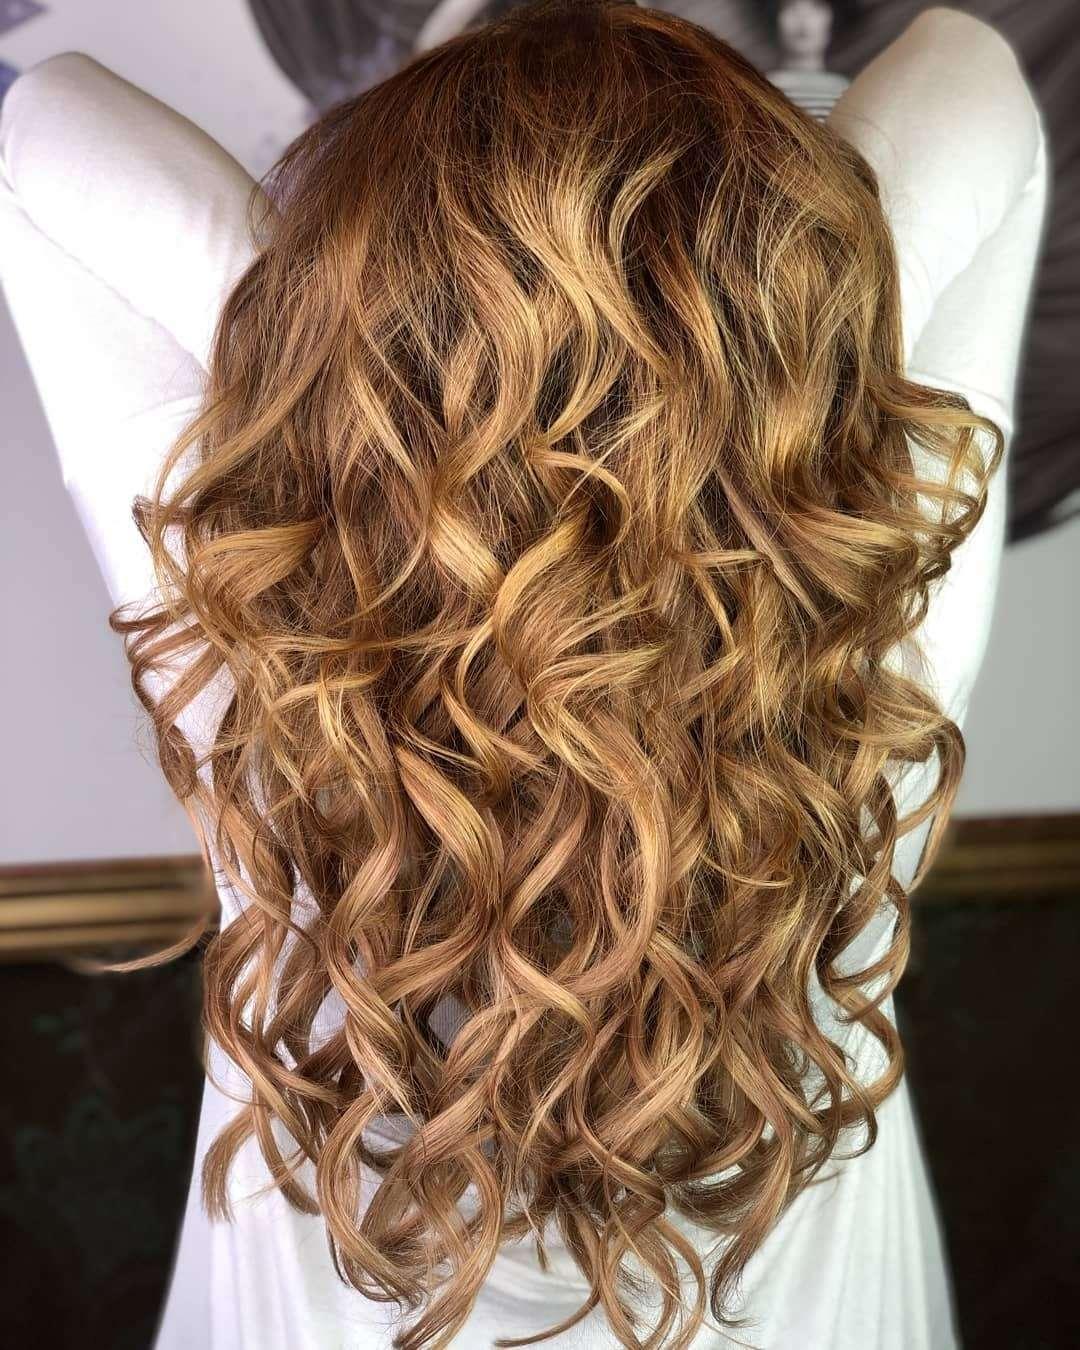 fryzury na wesele długie włosy jako gosc